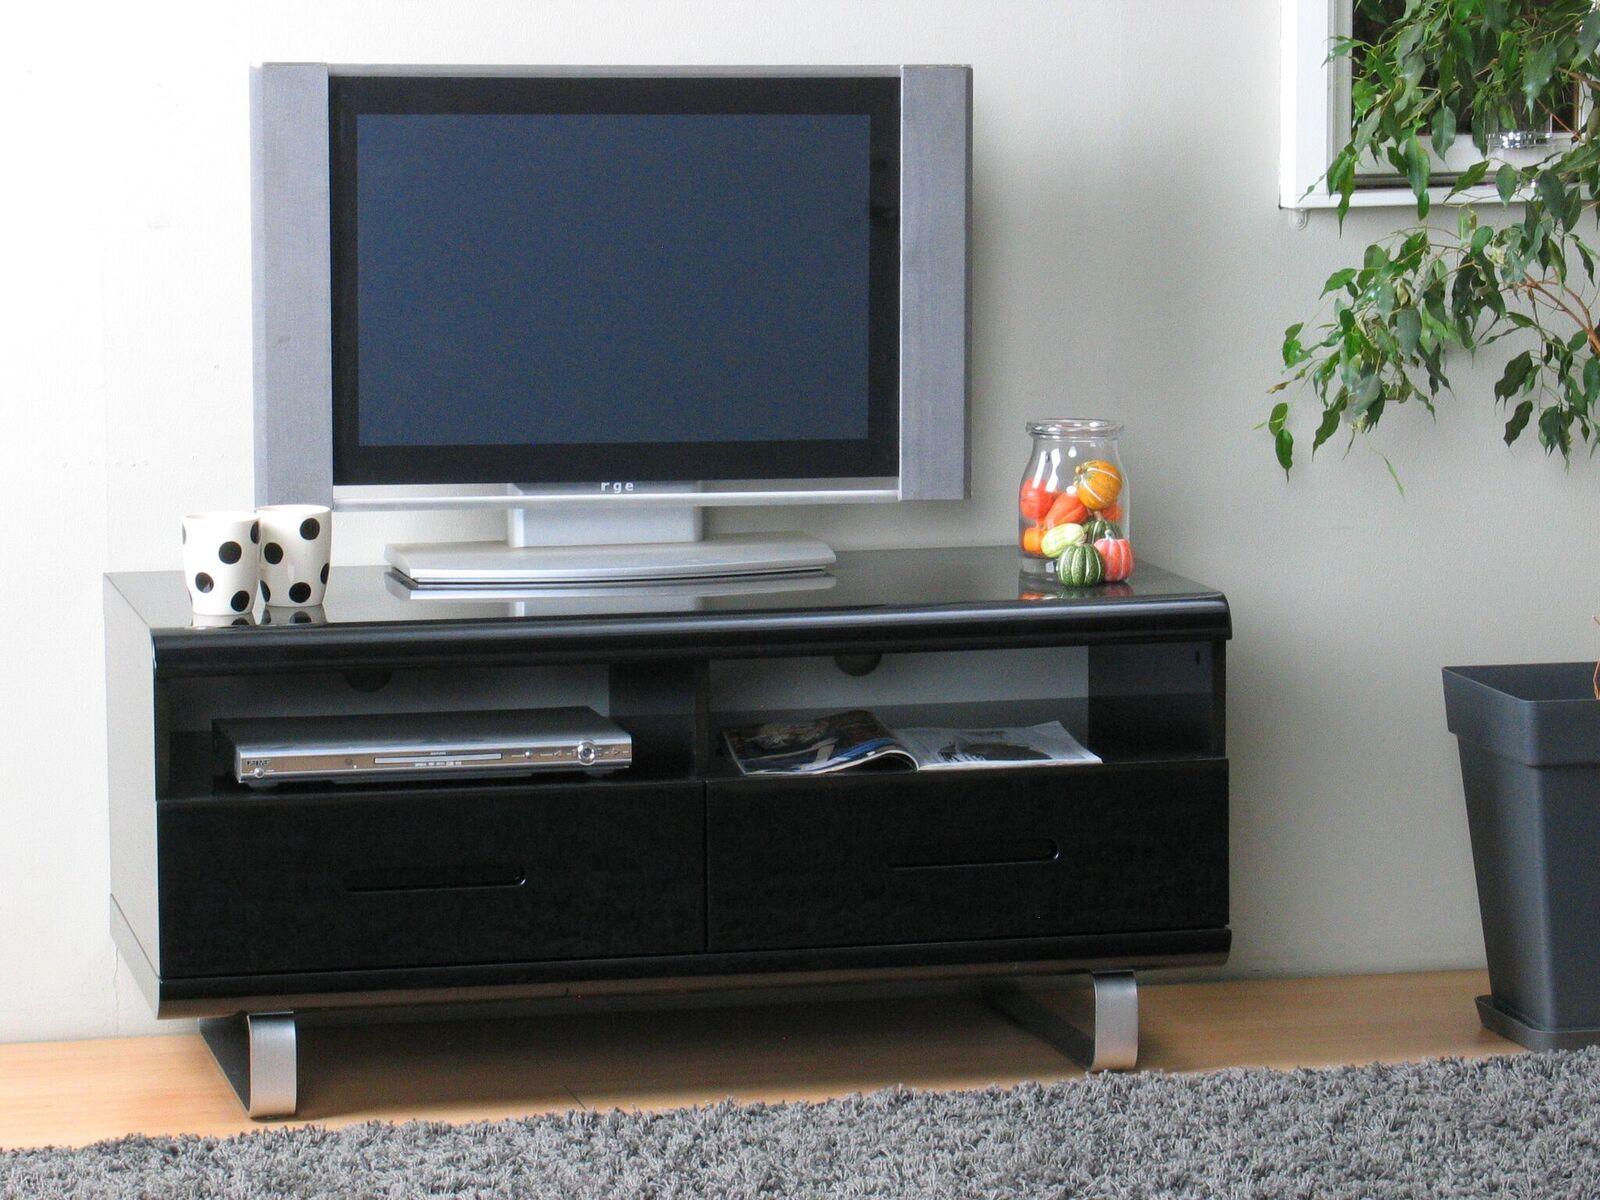 tv lowboard spacy hochglanz schwarz kommode sideboard fernseher schrank m bel wohnen wohnzimmer. Black Bedroom Furniture Sets. Home Design Ideas